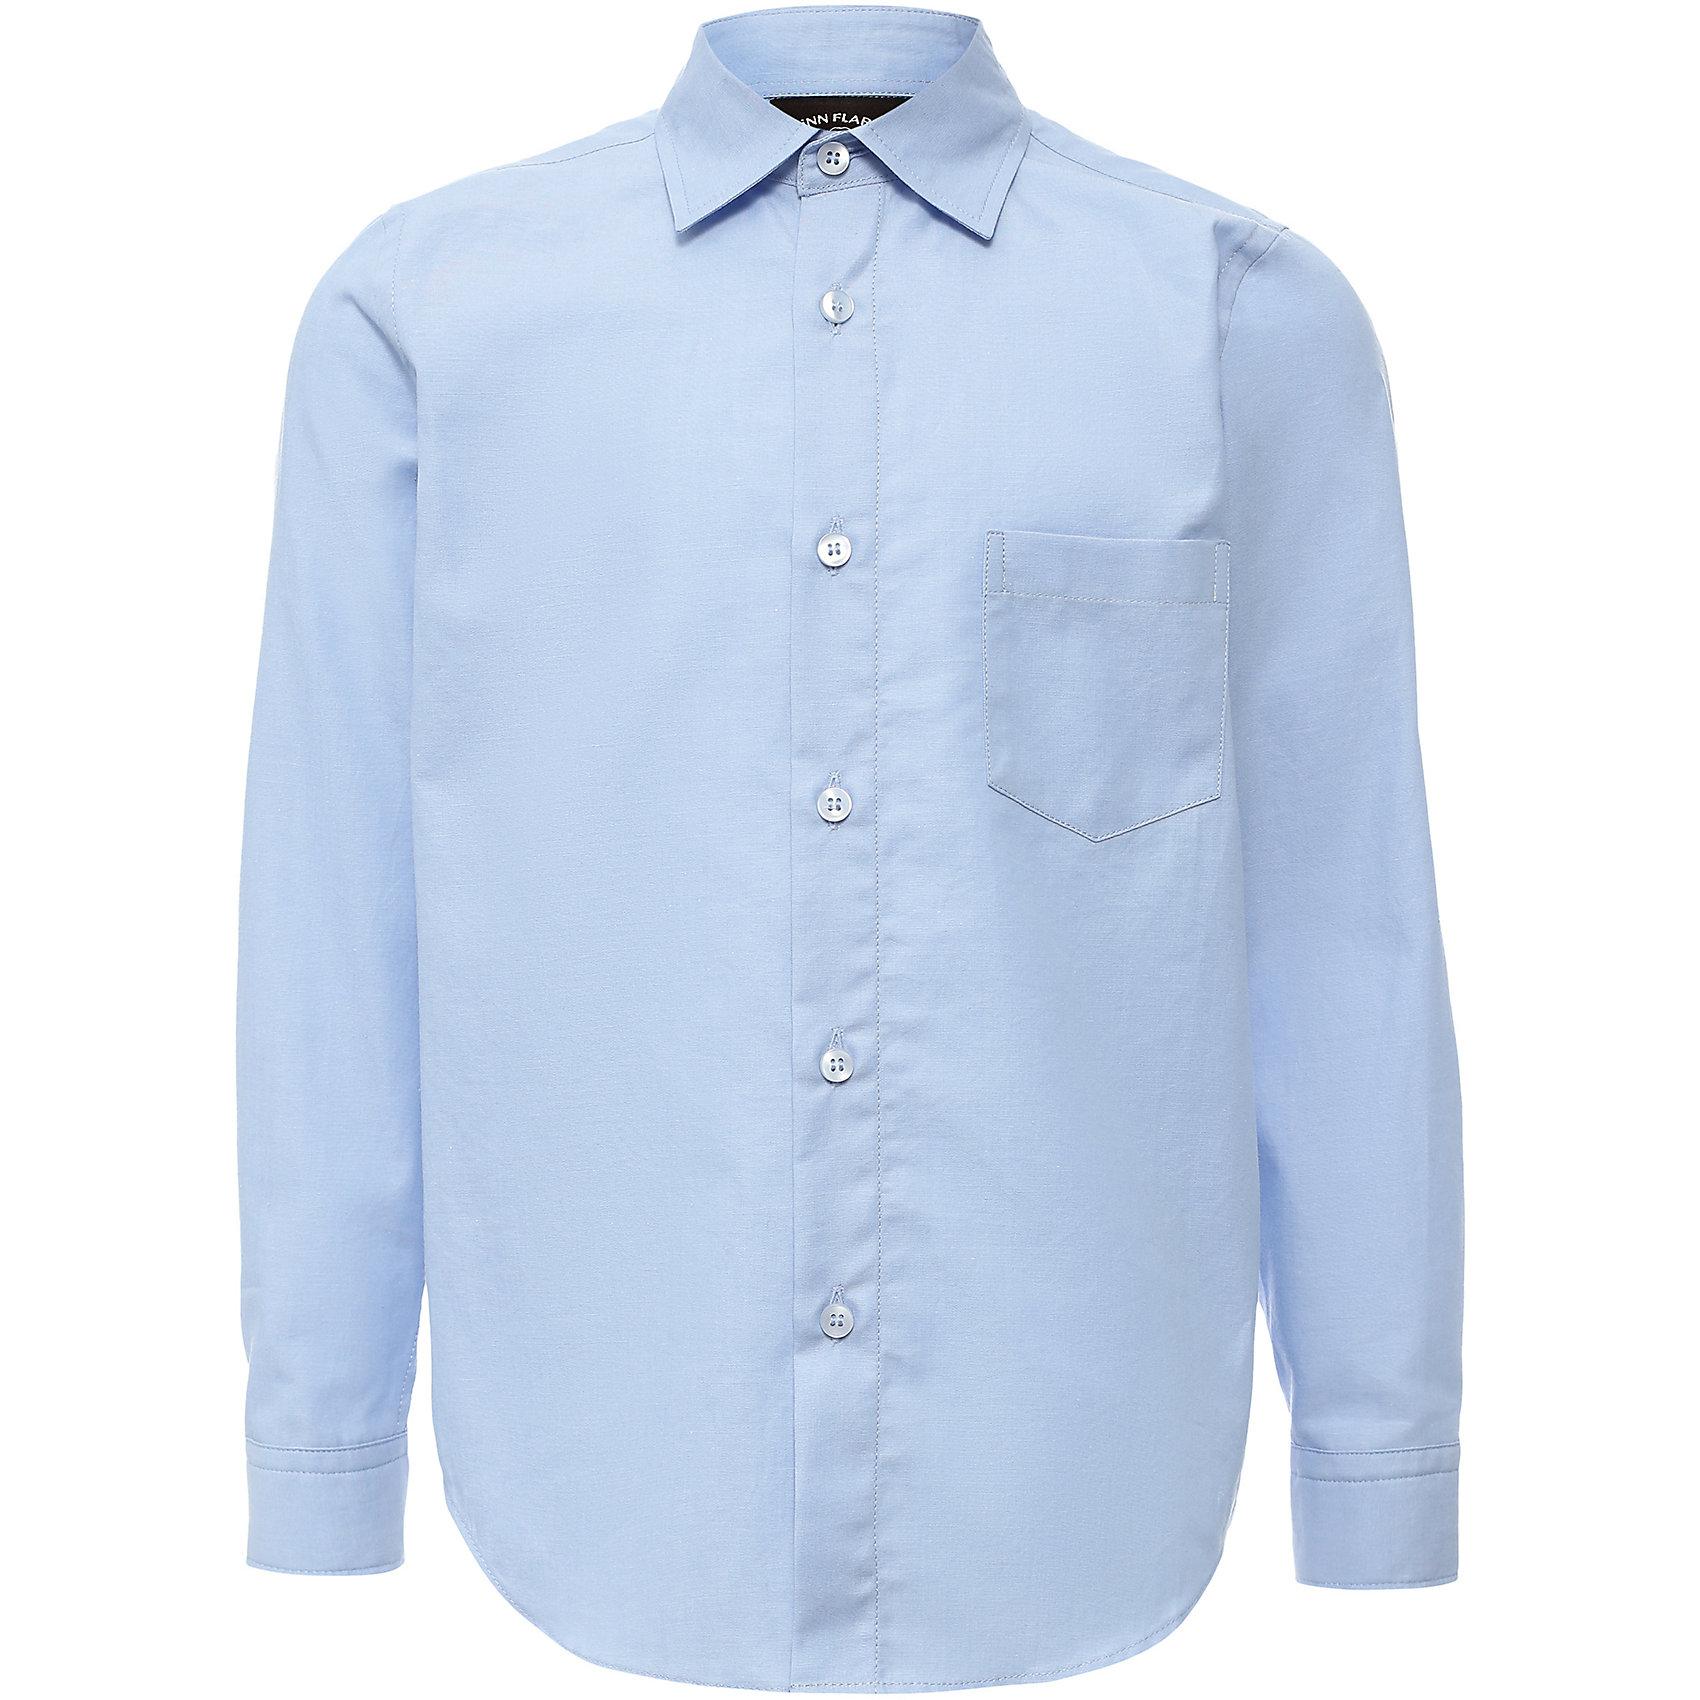 Рубашка для мальчика Finn FlareБлузки и рубашки<br>Рубашка для мальчика известной марки Finn Flare.<br><br>Школьная рубашка для мальчика предназначена для повседневной носки. Рубашка сочетается с брюками и джинсами, наверх можно надеть джемпер. Рубашка застегивается на пуговицы, есть манжеты на пуговицах и нагрудный карман. Рубашка легко стирается и гладится, полностью хлопковая, приятная к телу. <br><br>Фактура материала: Текстильный<br>Вид застежки: Пуговицы<br>Длина рукава: Длинные<br>Тип карманов: Накладные<br><br>Состав: 100% хлопок<br><br>Рубашку для мальчика Finn Flare можно купить в нашем интернет-магазине.<br><br>Ширина мм: 174<br>Глубина мм: 10<br>Высота мм: 169<br>Вес г: 157<br>Цвет: голубой<br>Возраст от месяцев: 108<br>Возраст до месяцев: 120<br>Пол: Мужской<br>Возраст: Детский<br>Размер: 140,158,116,122,128,134,146,152<br>SKU: 4890427